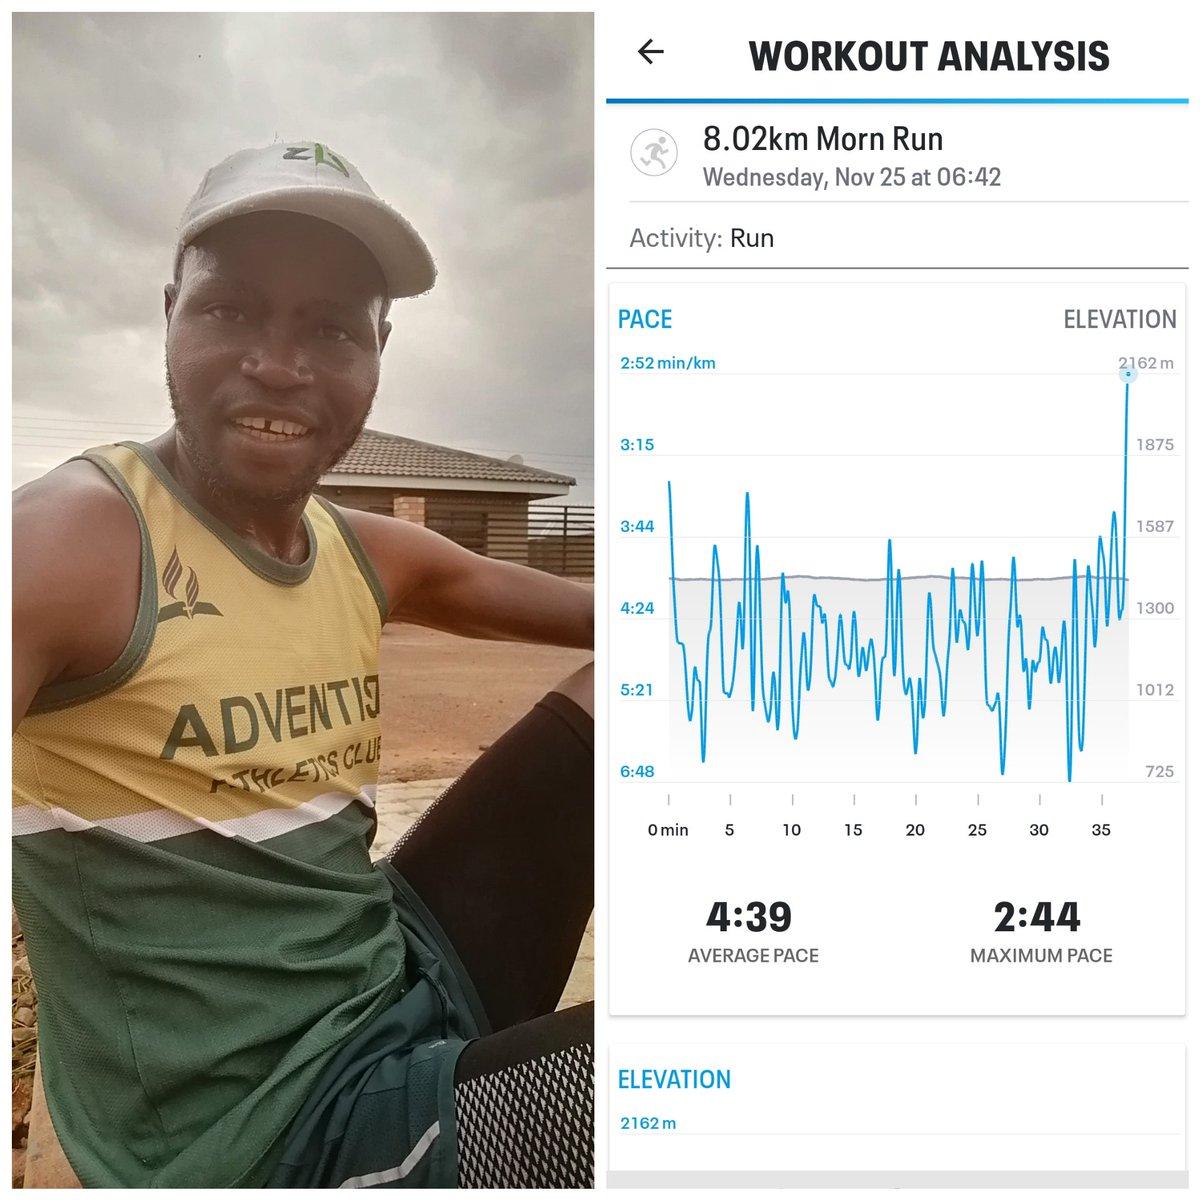 8.02km Morn Run at Ave Pace 4:39/km (or 12.9km/h)... Maximum Pace 2:44/km (or Maximum Speed 21.9km/h). 1,650km YTD - 150km to Go for 2020 #fitness #wellness #Wellbeing #KumhanyaHatiregiZvekumhanya https://t.co/Lo44sGO2gj